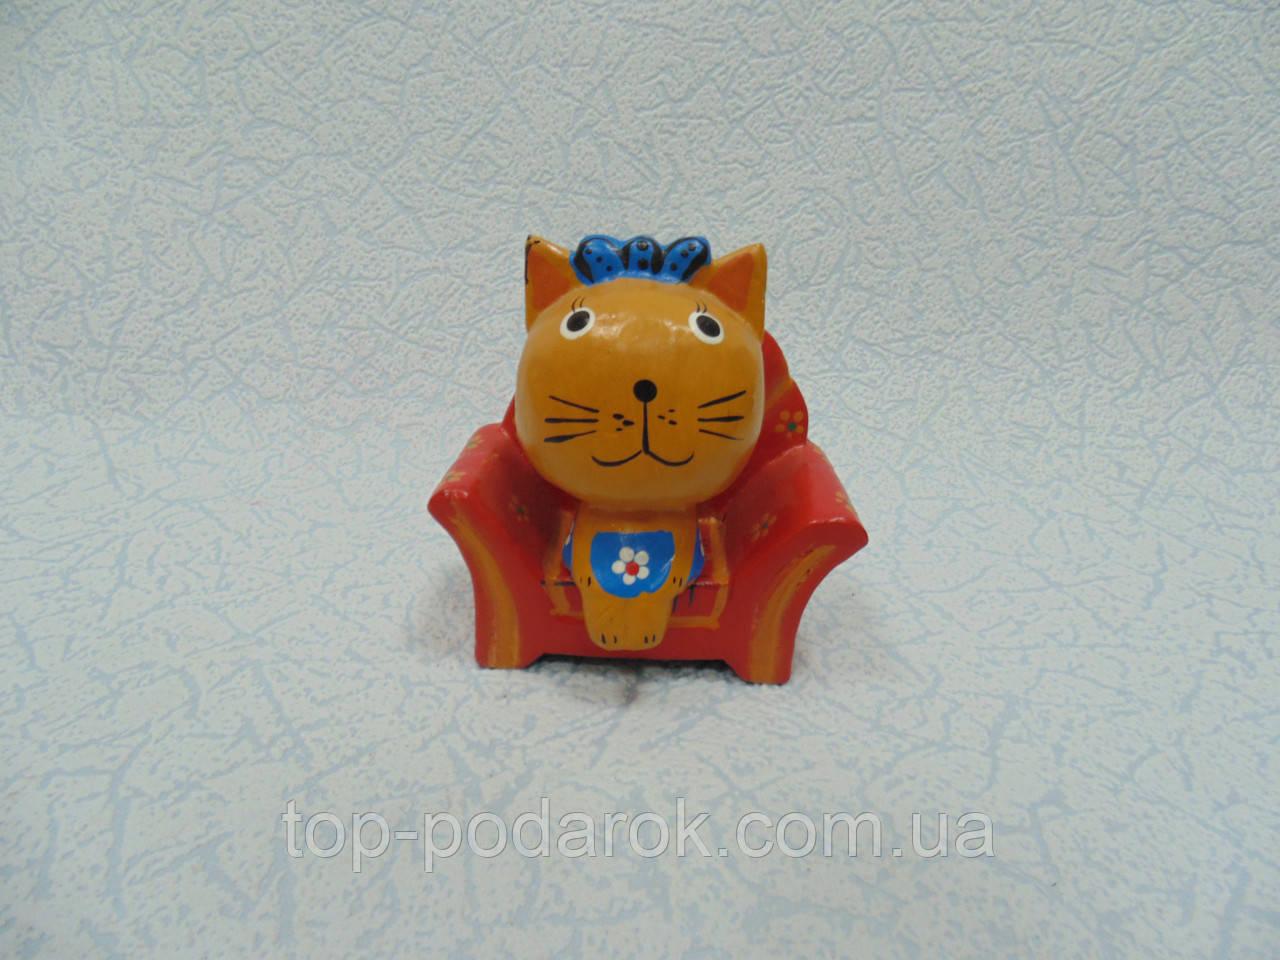 Статуєтка кошка в кресле деревянная размер 10*11*5 см